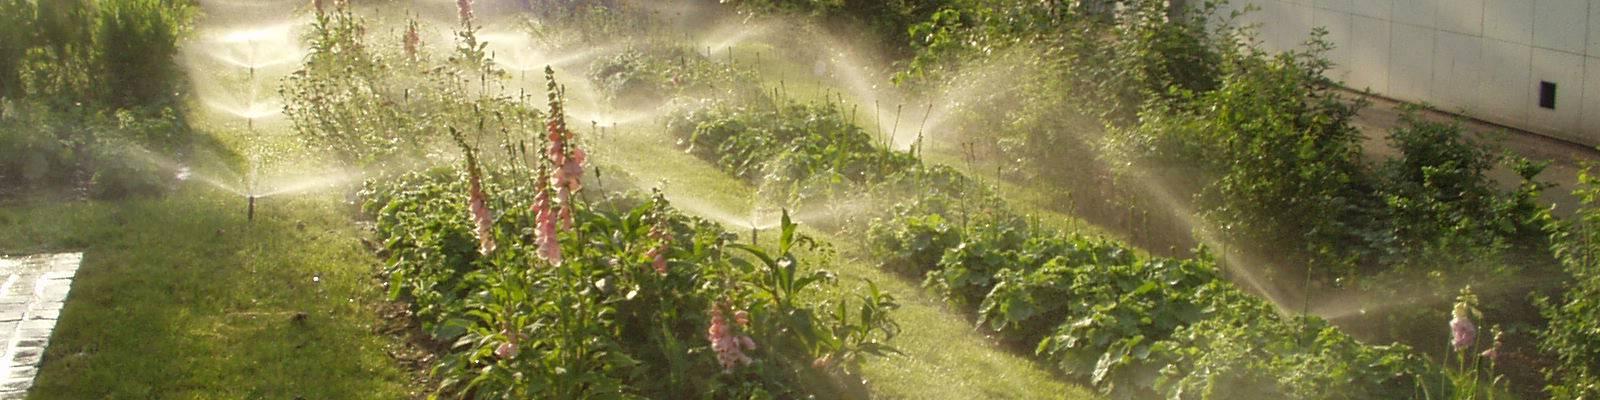 Ilots de chaleur : lutter avec des végétaux… et de l'eau !